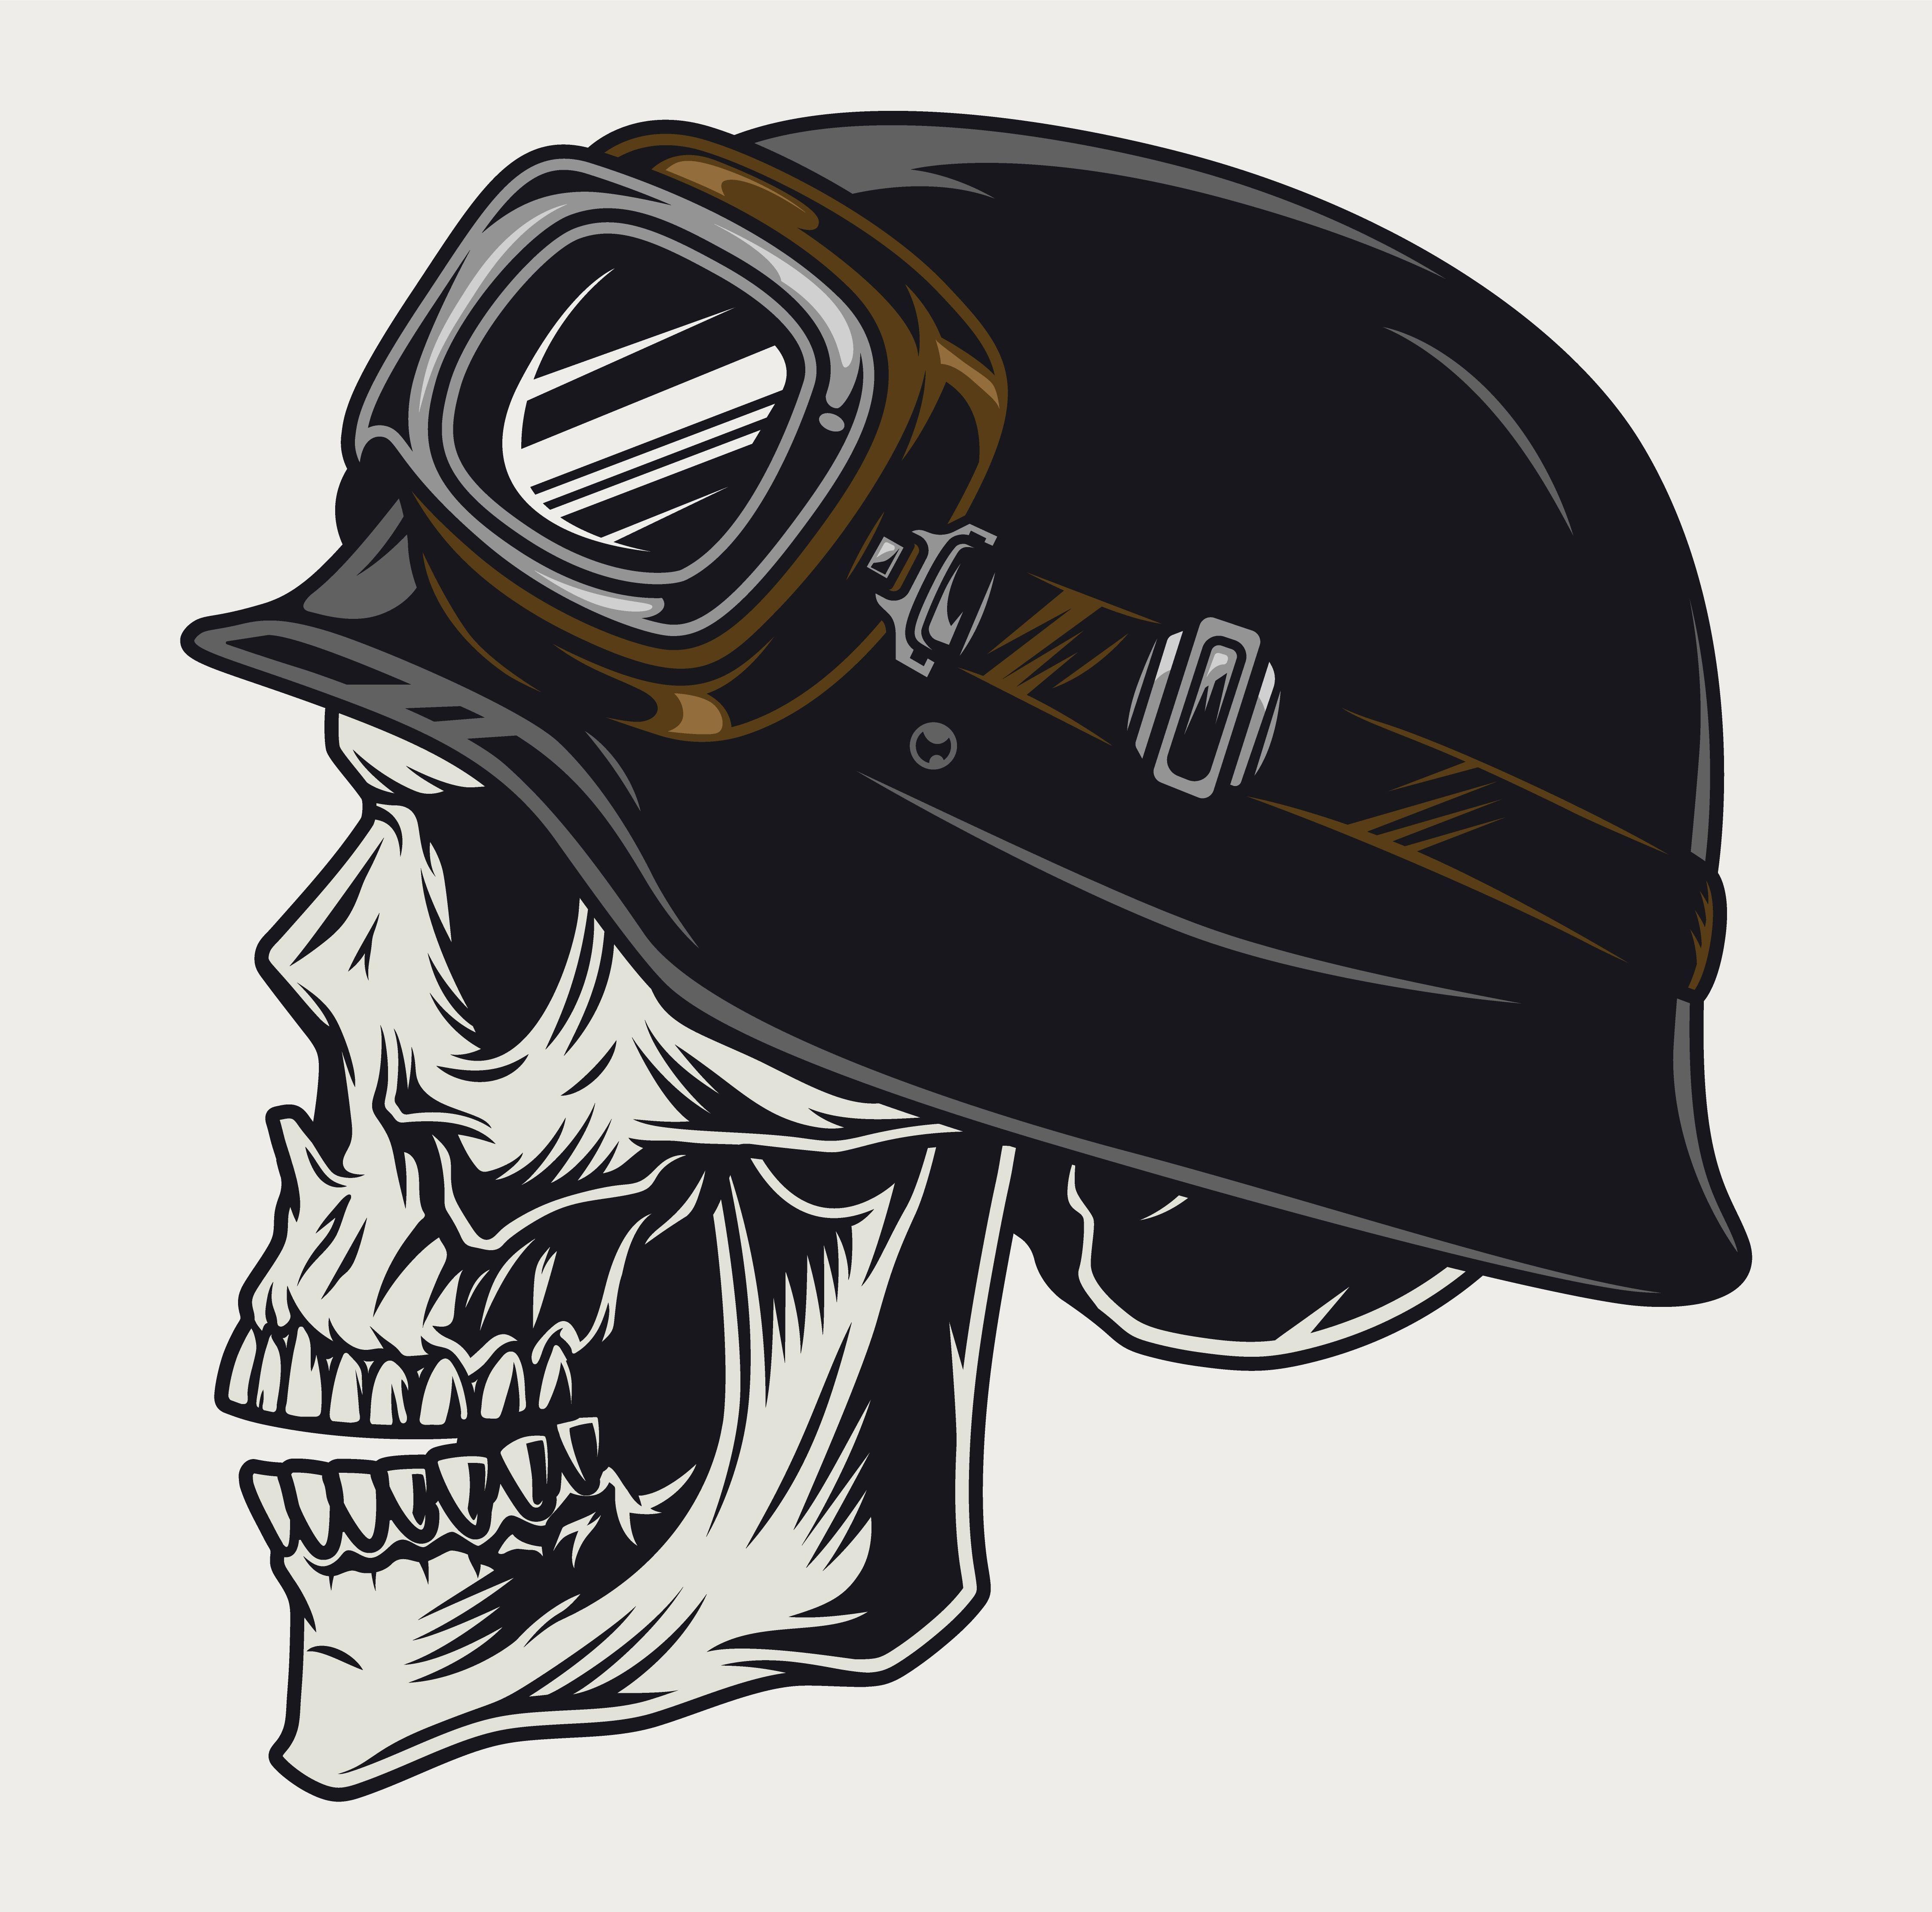 37 Vintage Custom Motorcycle Emblems In 2020 Biker Logo Unique Poster Vector Illustration